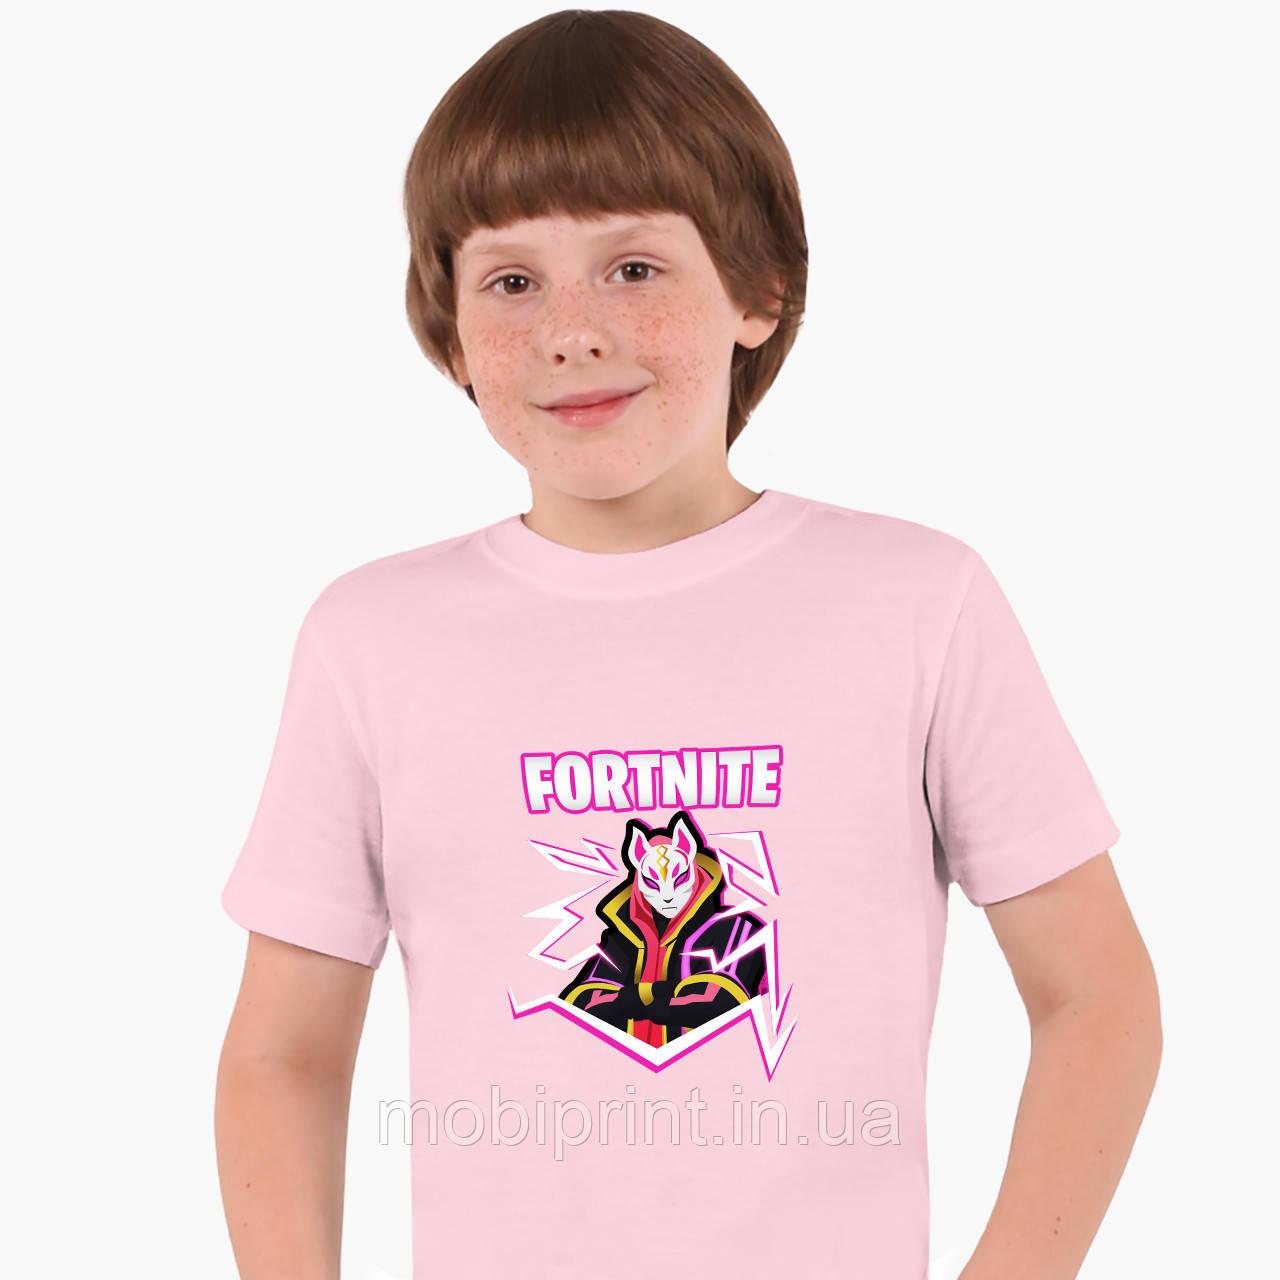 Детская футболка для мальчиков Фортнайт (Fortnite) (25186-1189) Розовый